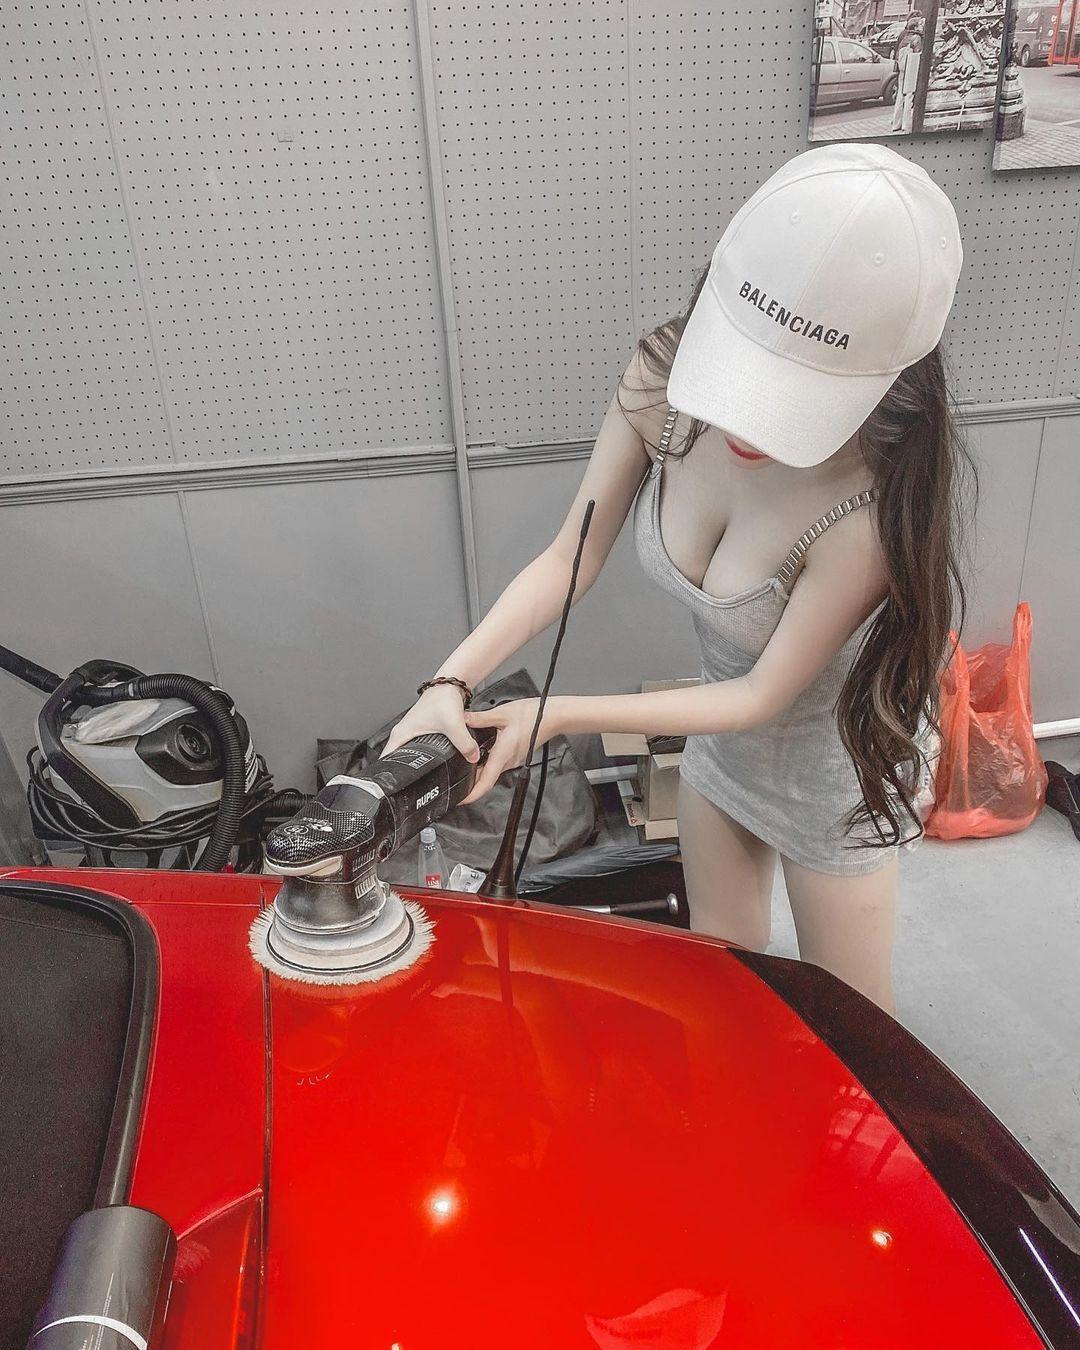 多才多艺音乐女孩Queena莙莙气质又性感火辣身材无法忽视 网络美女 第8张